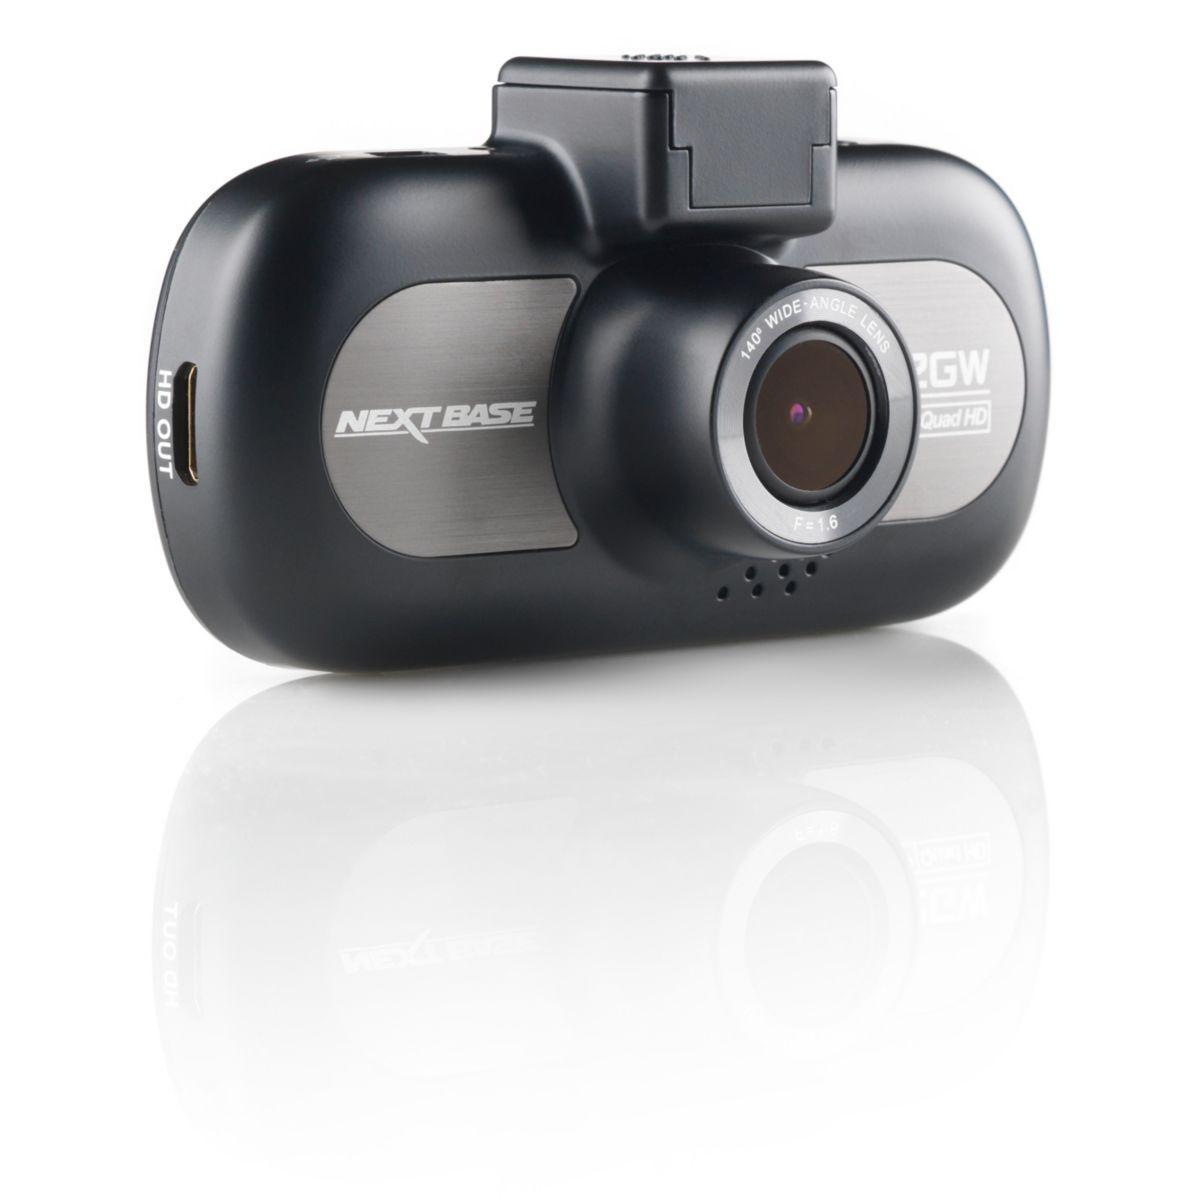 Caméra next base 412gw - 10% de remise immédiate avec le code : cool10 (photo)